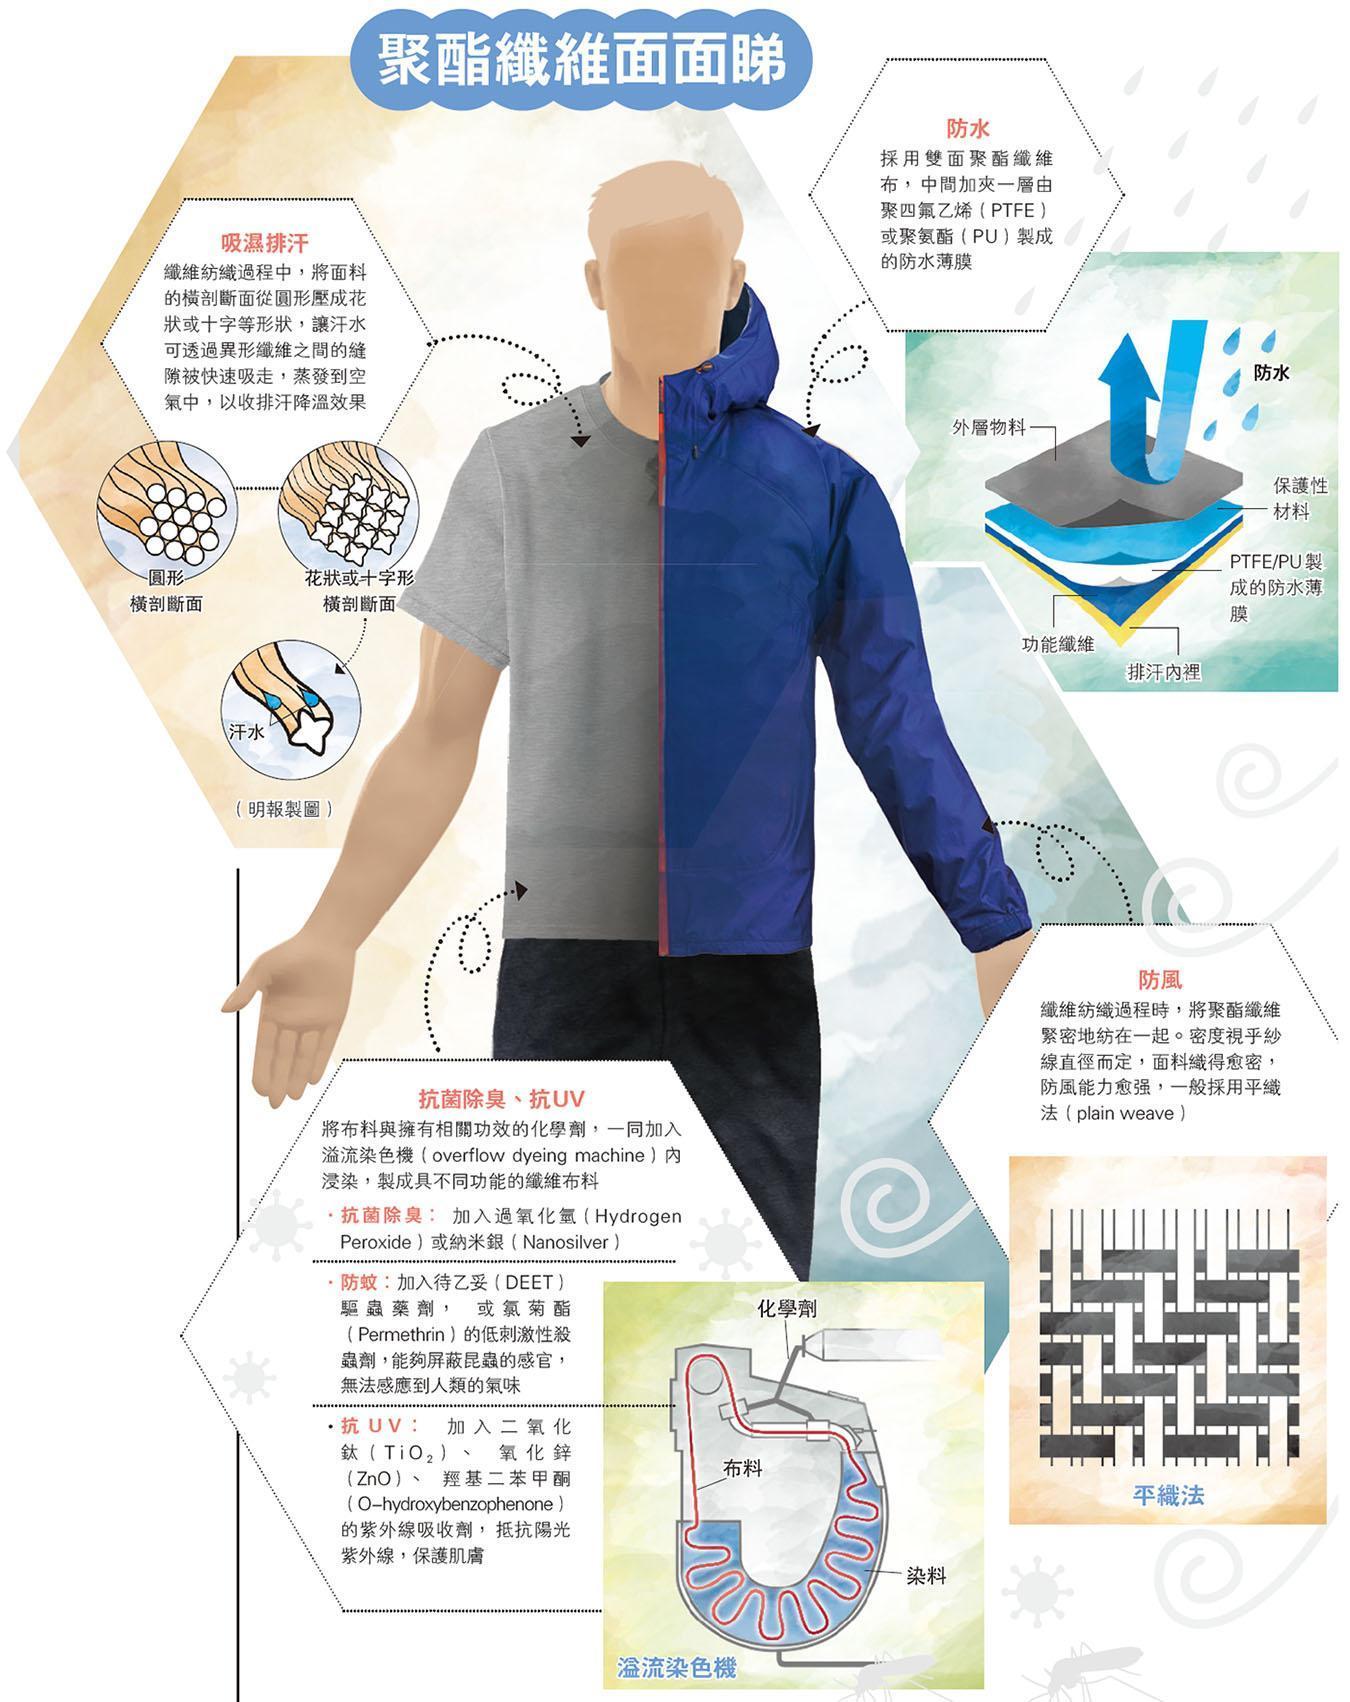 萬能聚酯纖維 變通致勝 遮風擋雨 吸濕排汗 - 20200707 - CULTURE & LEISURE - 明報OL網